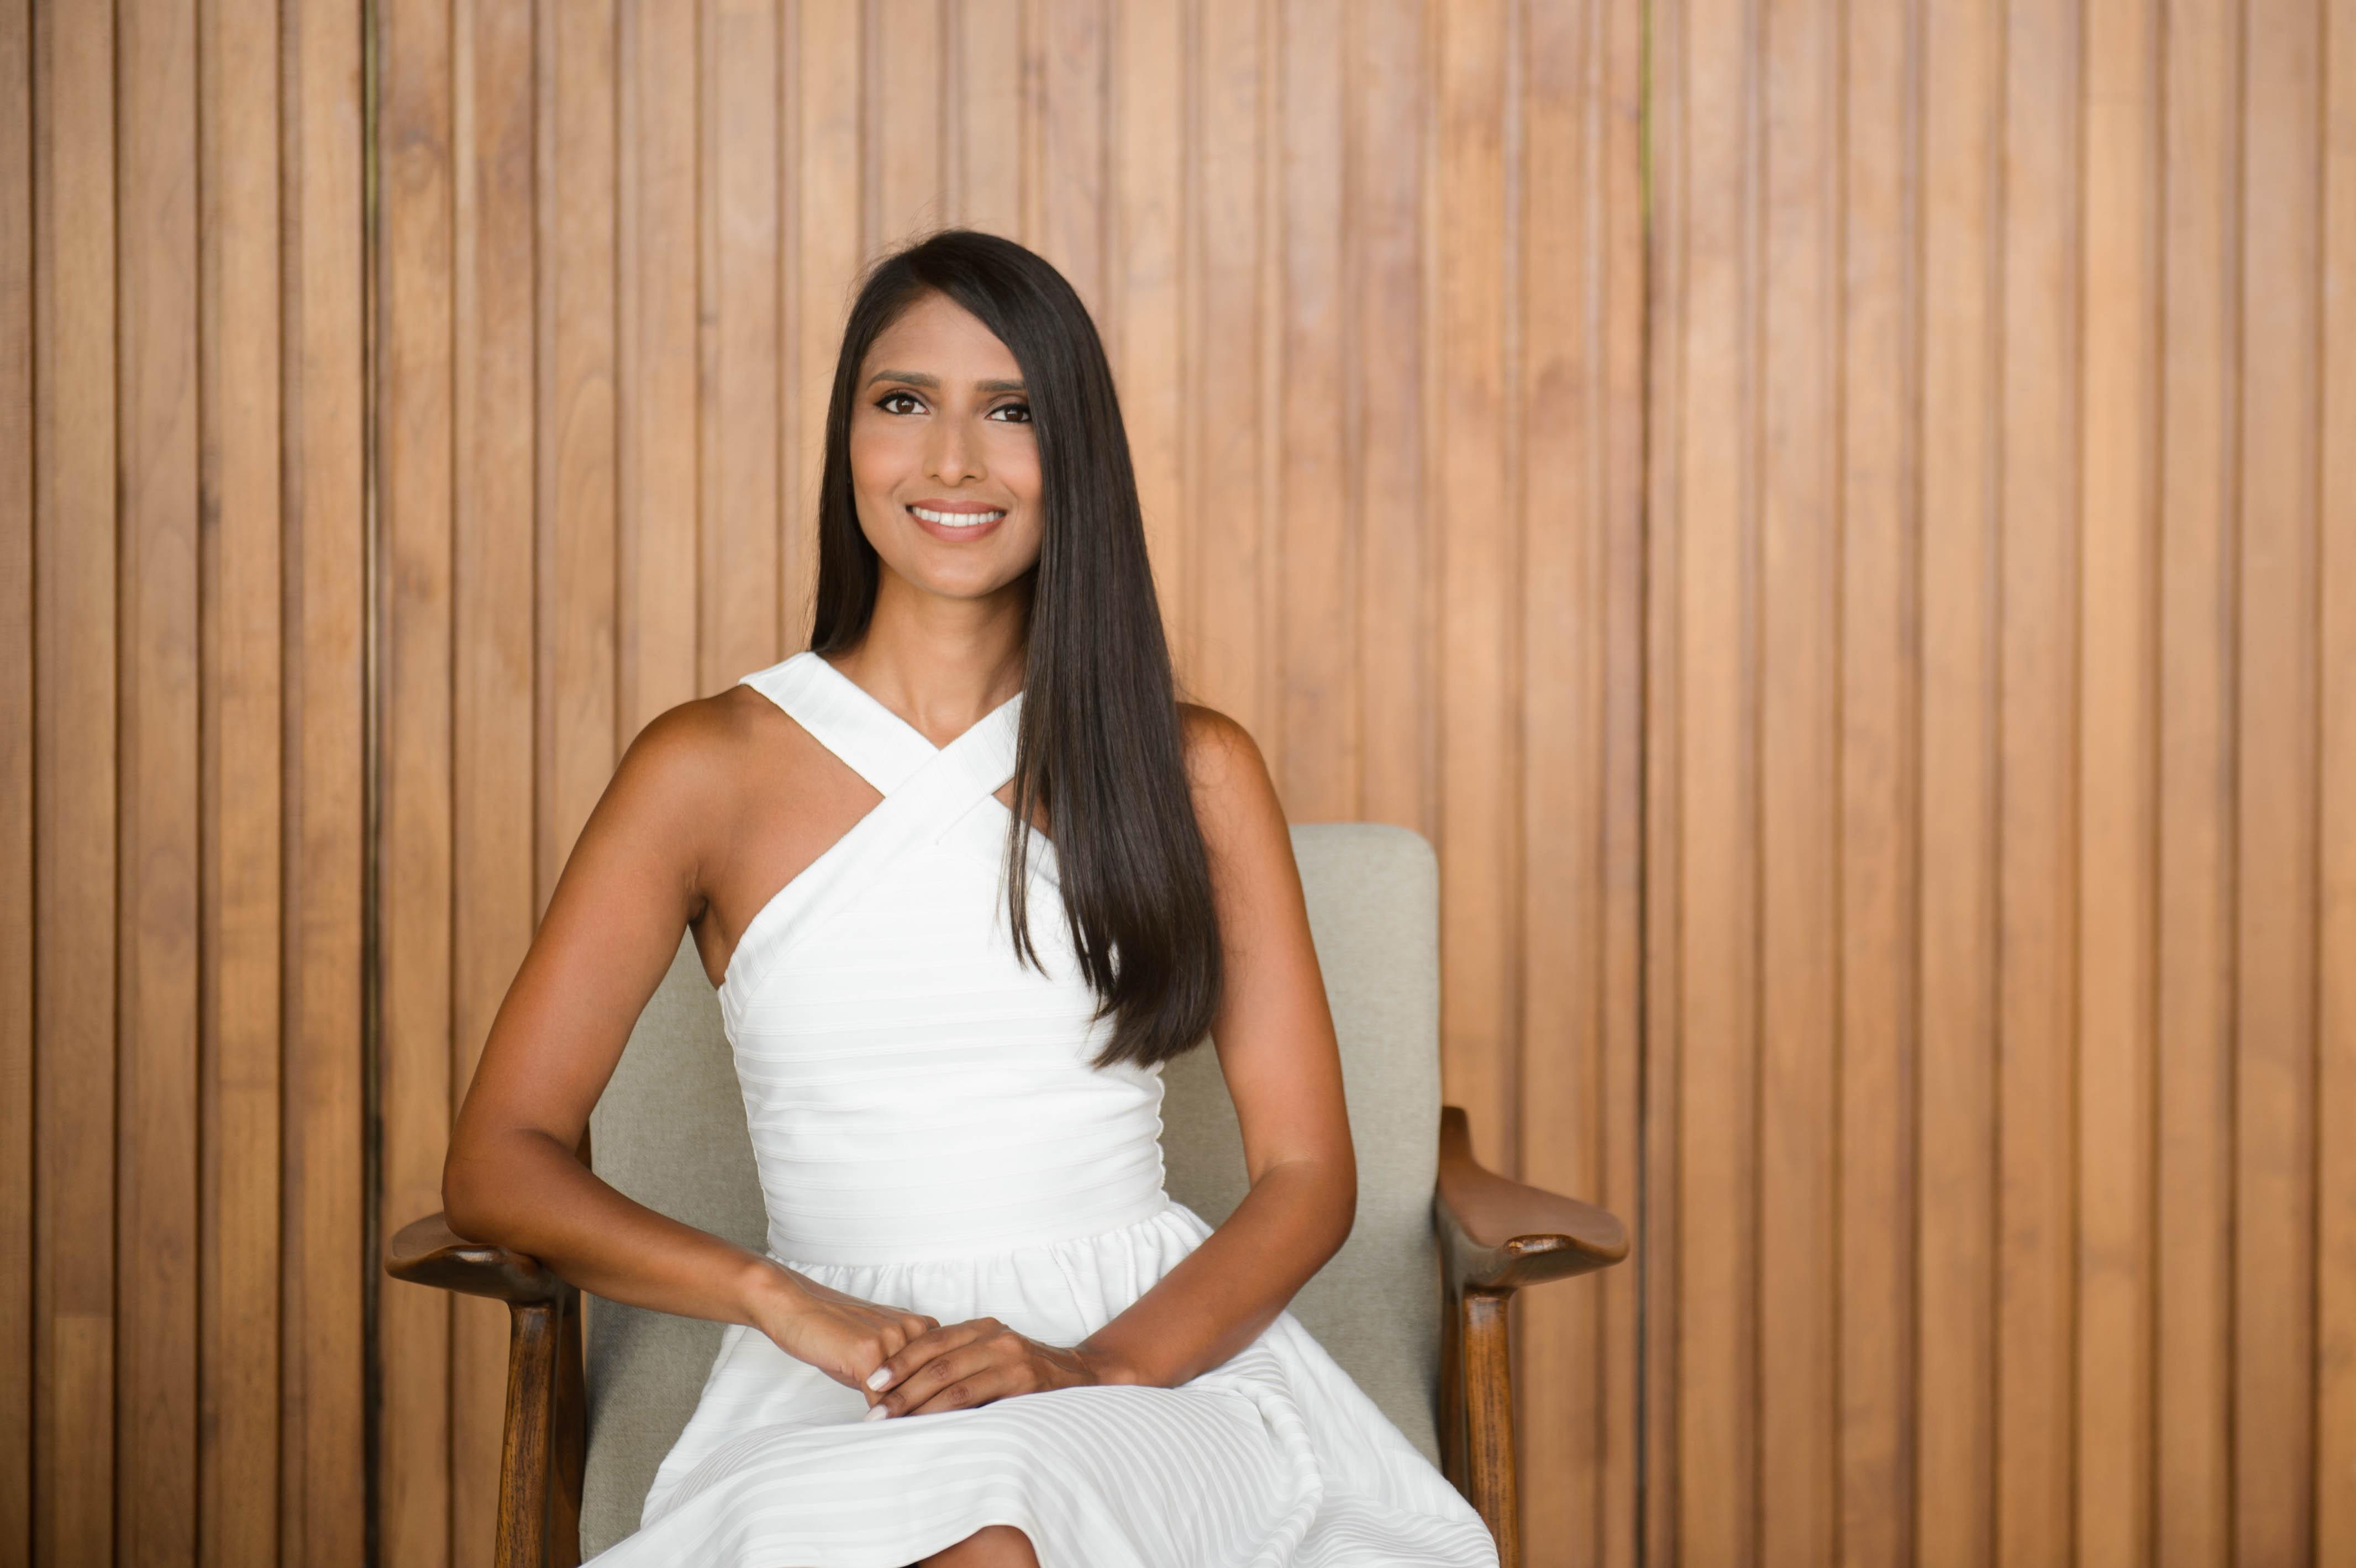 Uk Asian Wedding Industry-Deepa Shukle